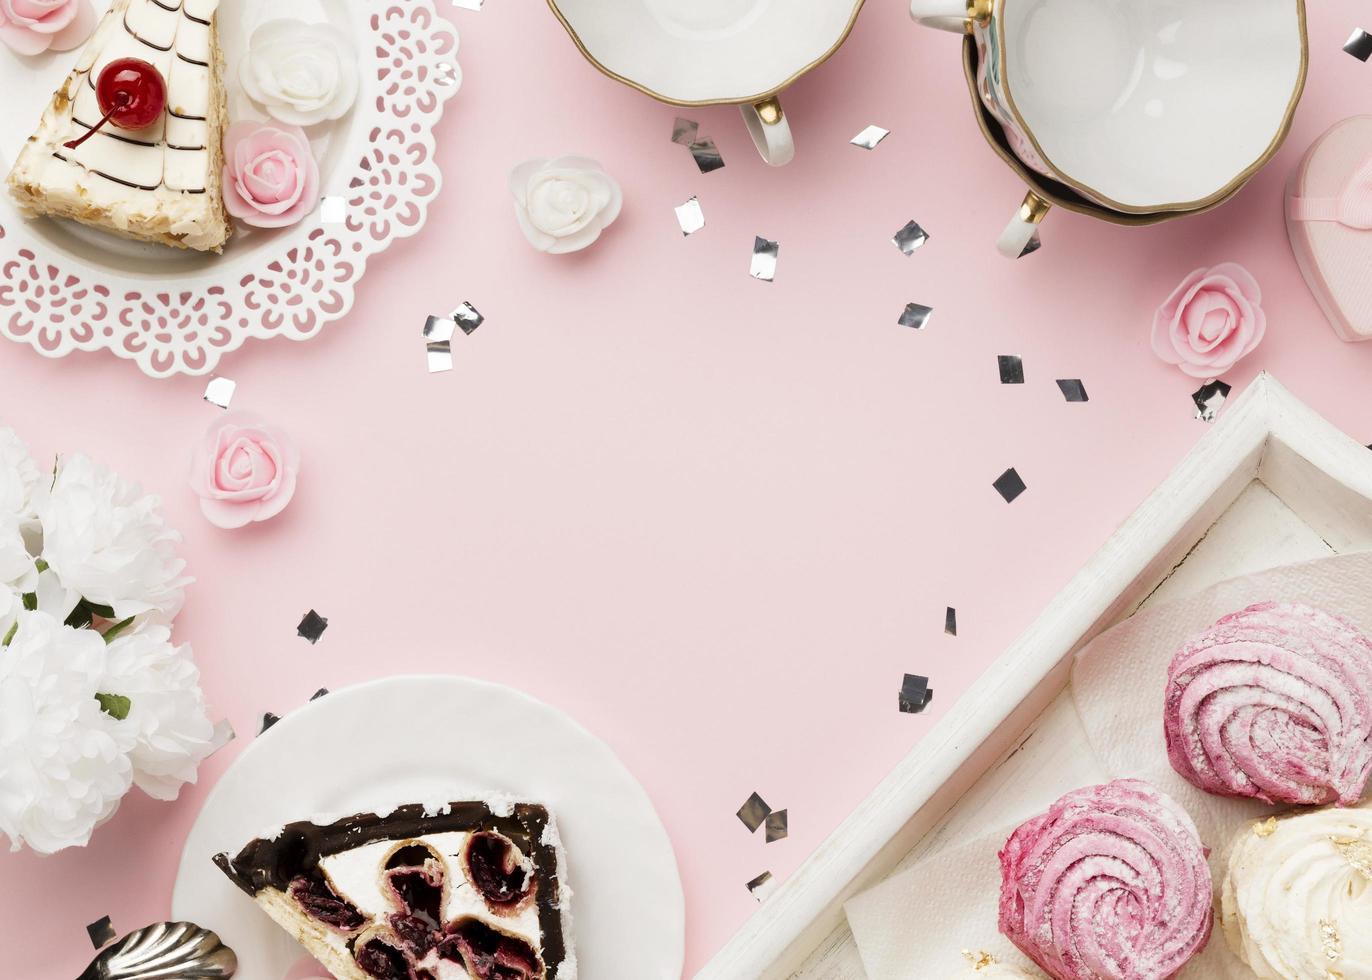 délicieux gâteau vue de dessus photo